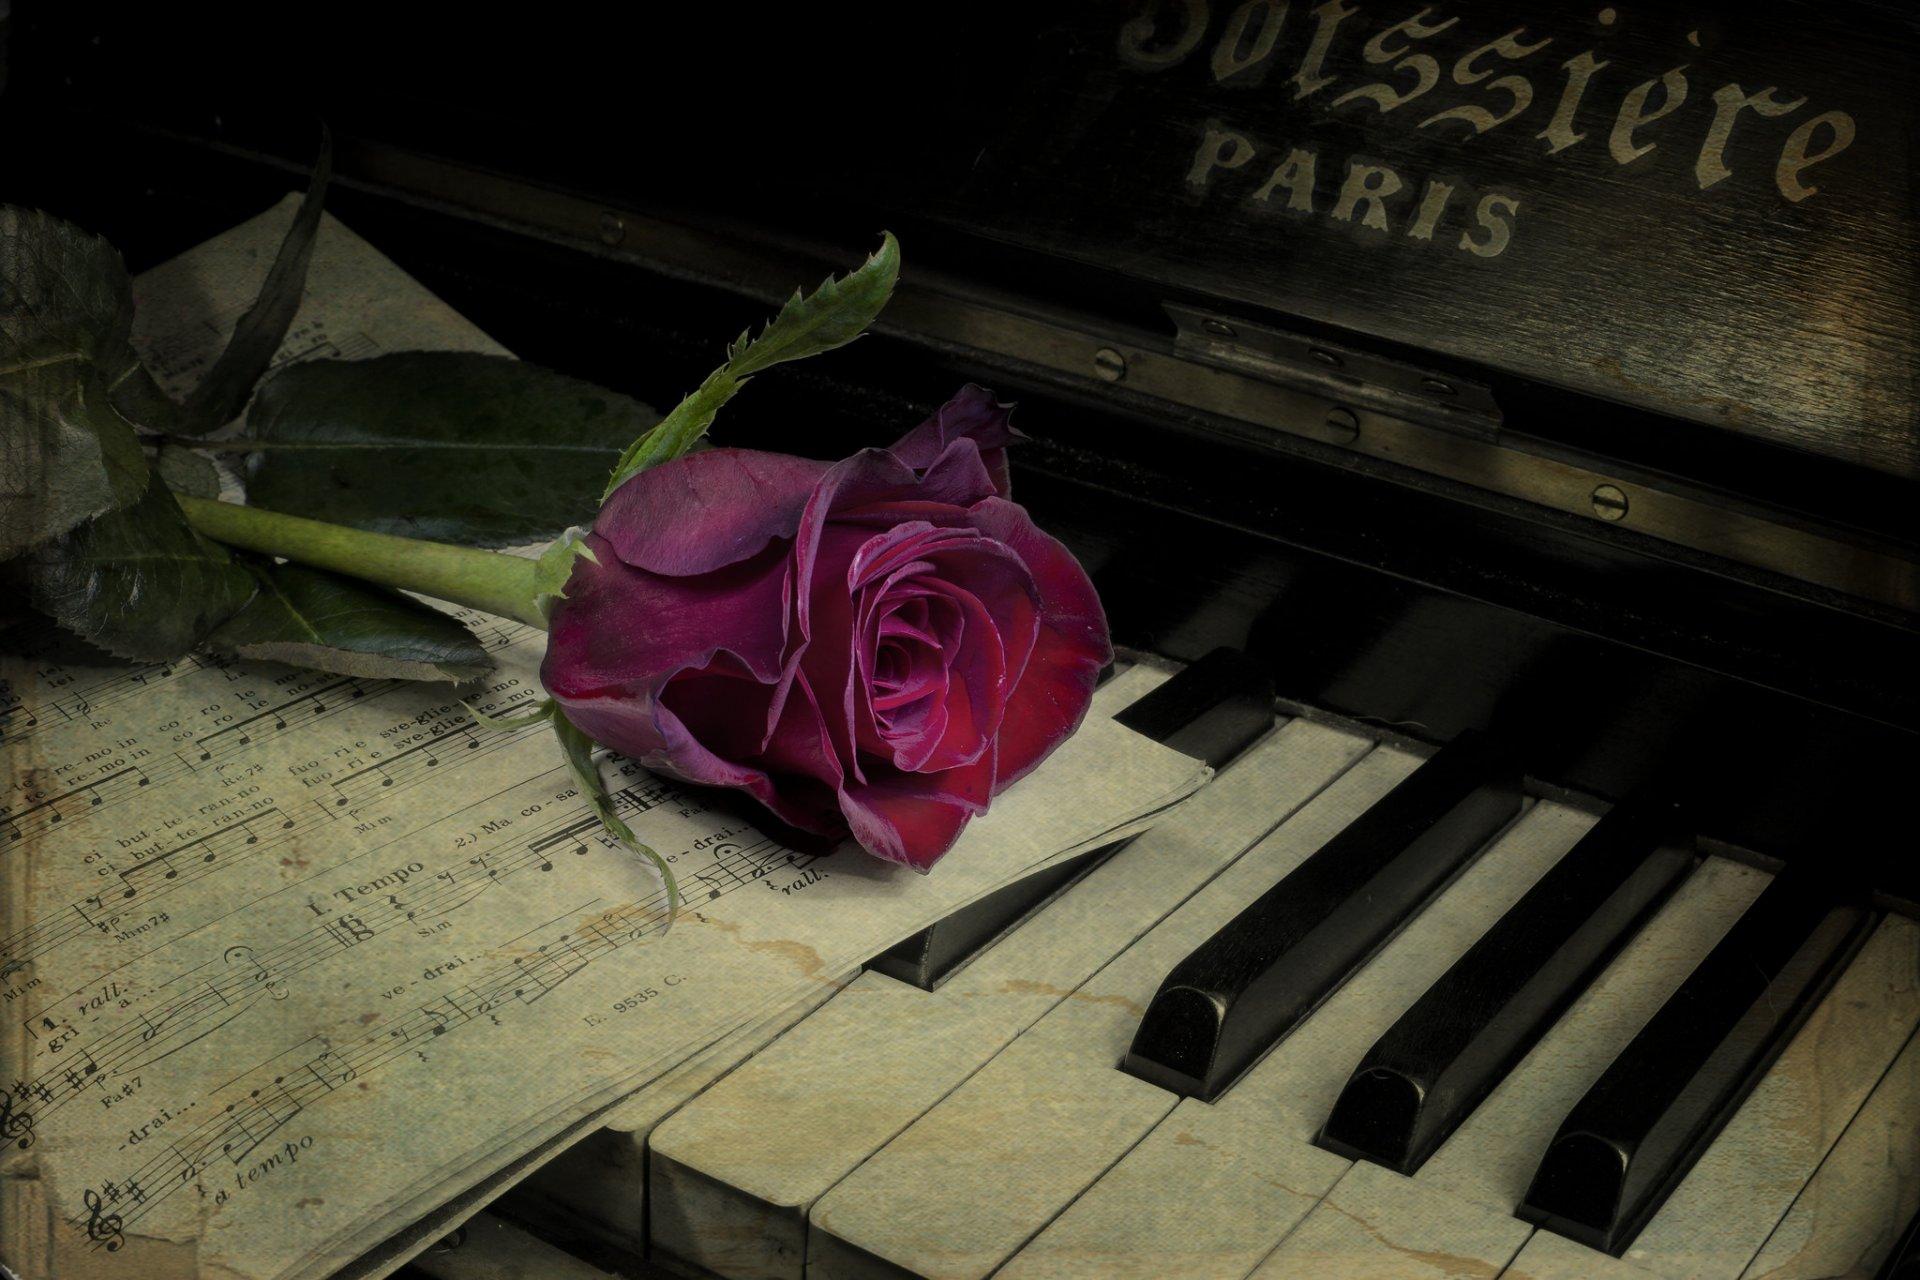 Розы из бумажных салфеток фото этот наряд